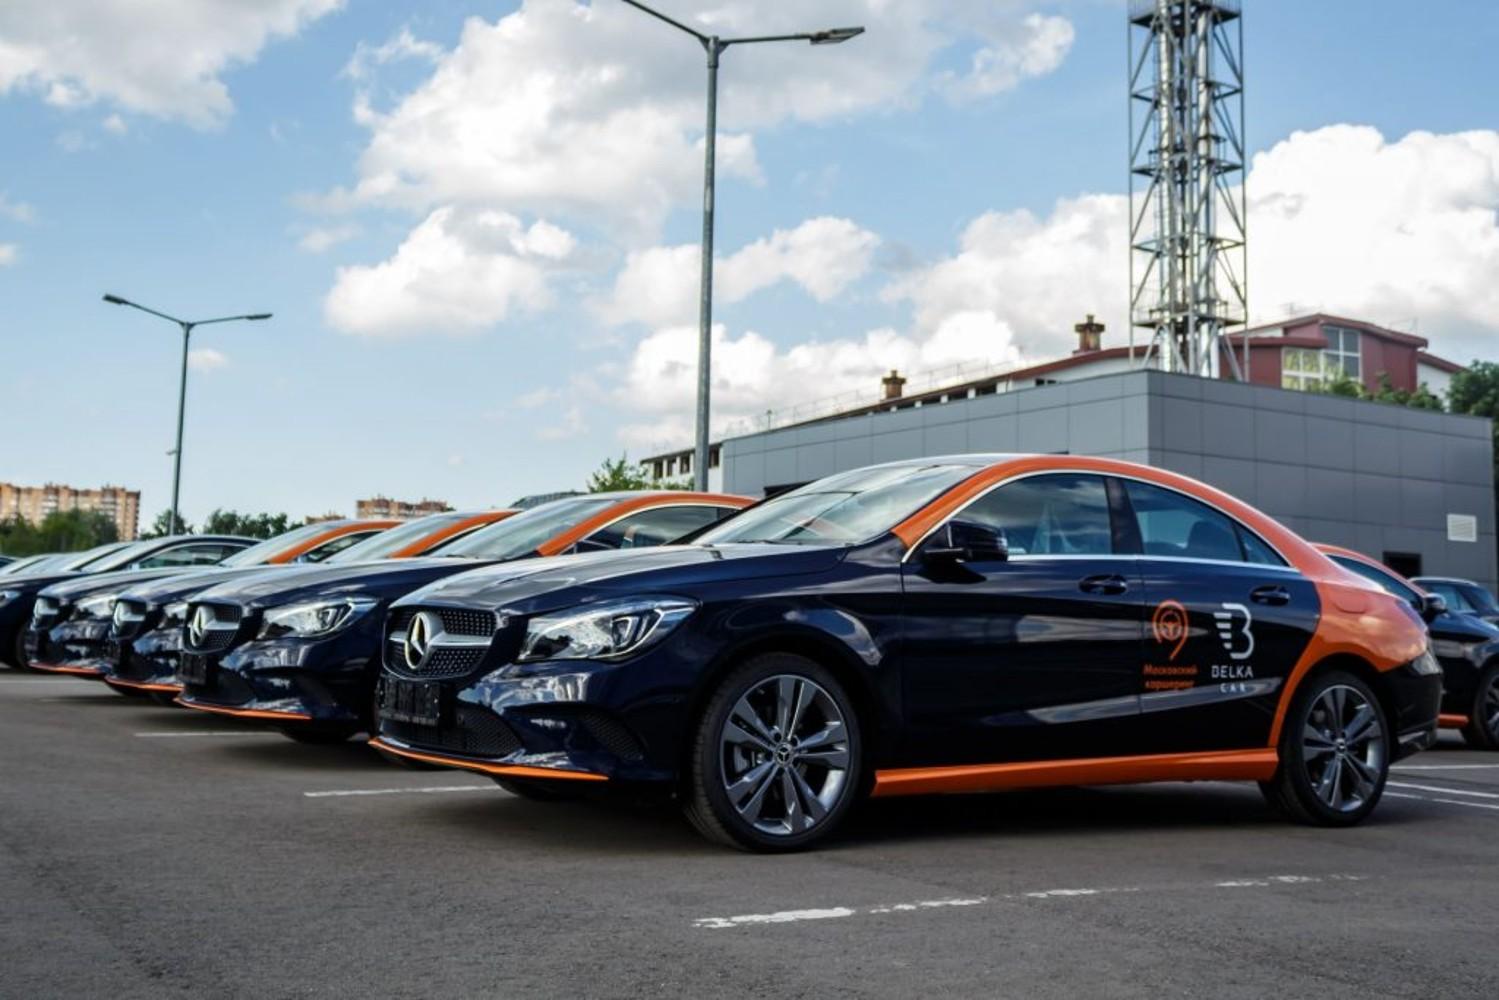 Московский каршеринг вышел в мировые лидеры по автопарку